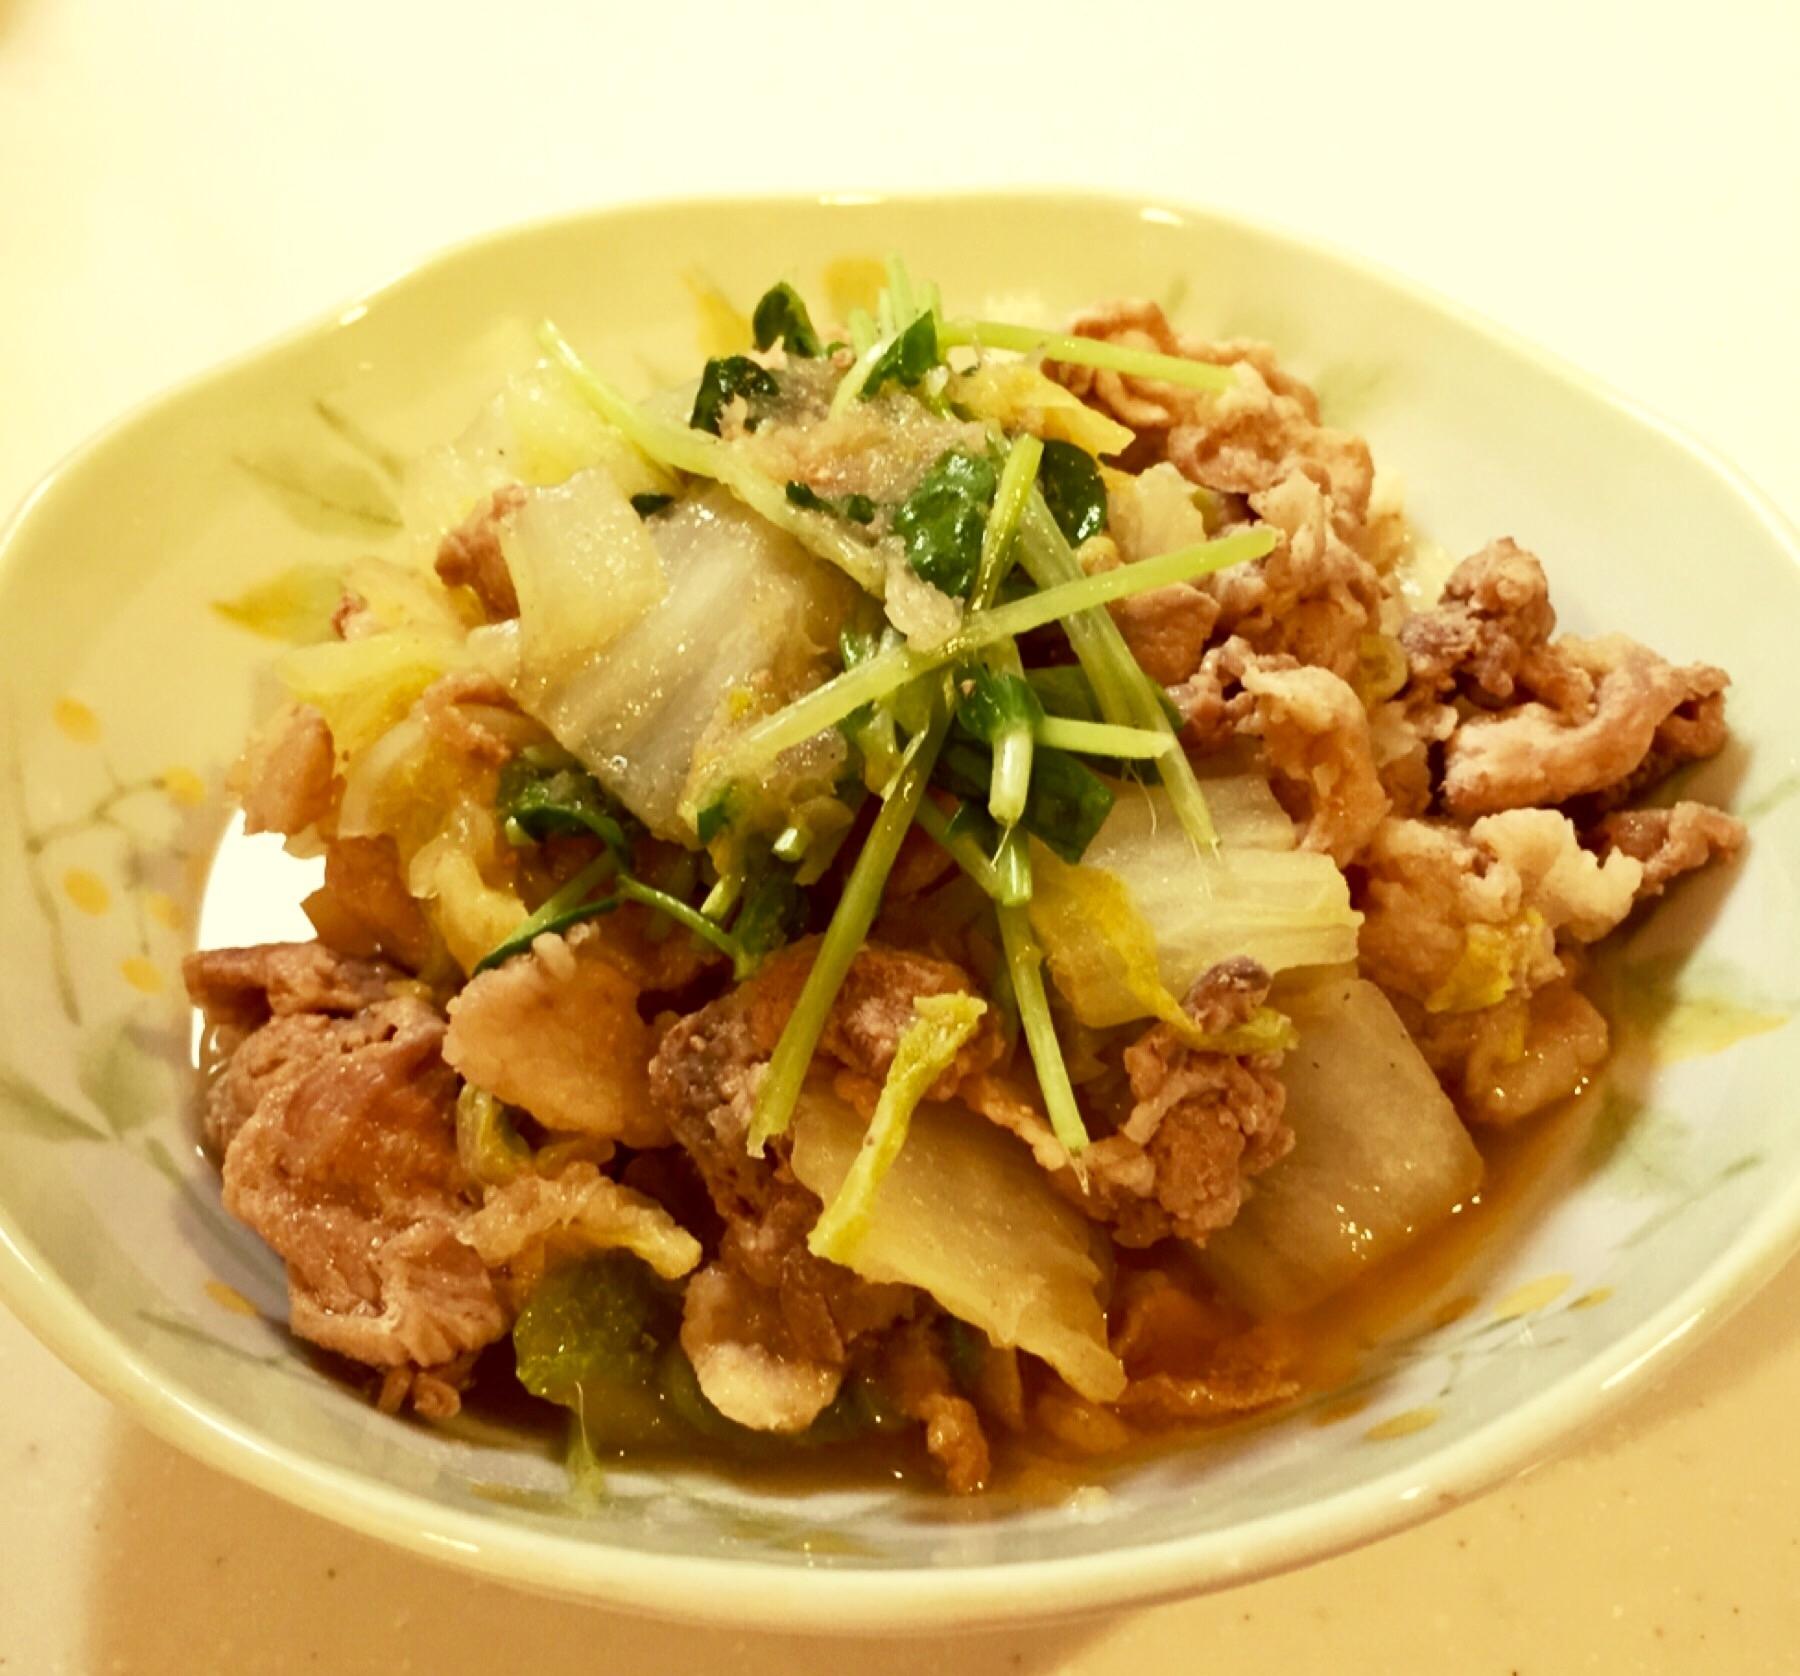 大根おろしで柔らか!豚こま切れと白菜のポン酢煮 レシピ・作り方